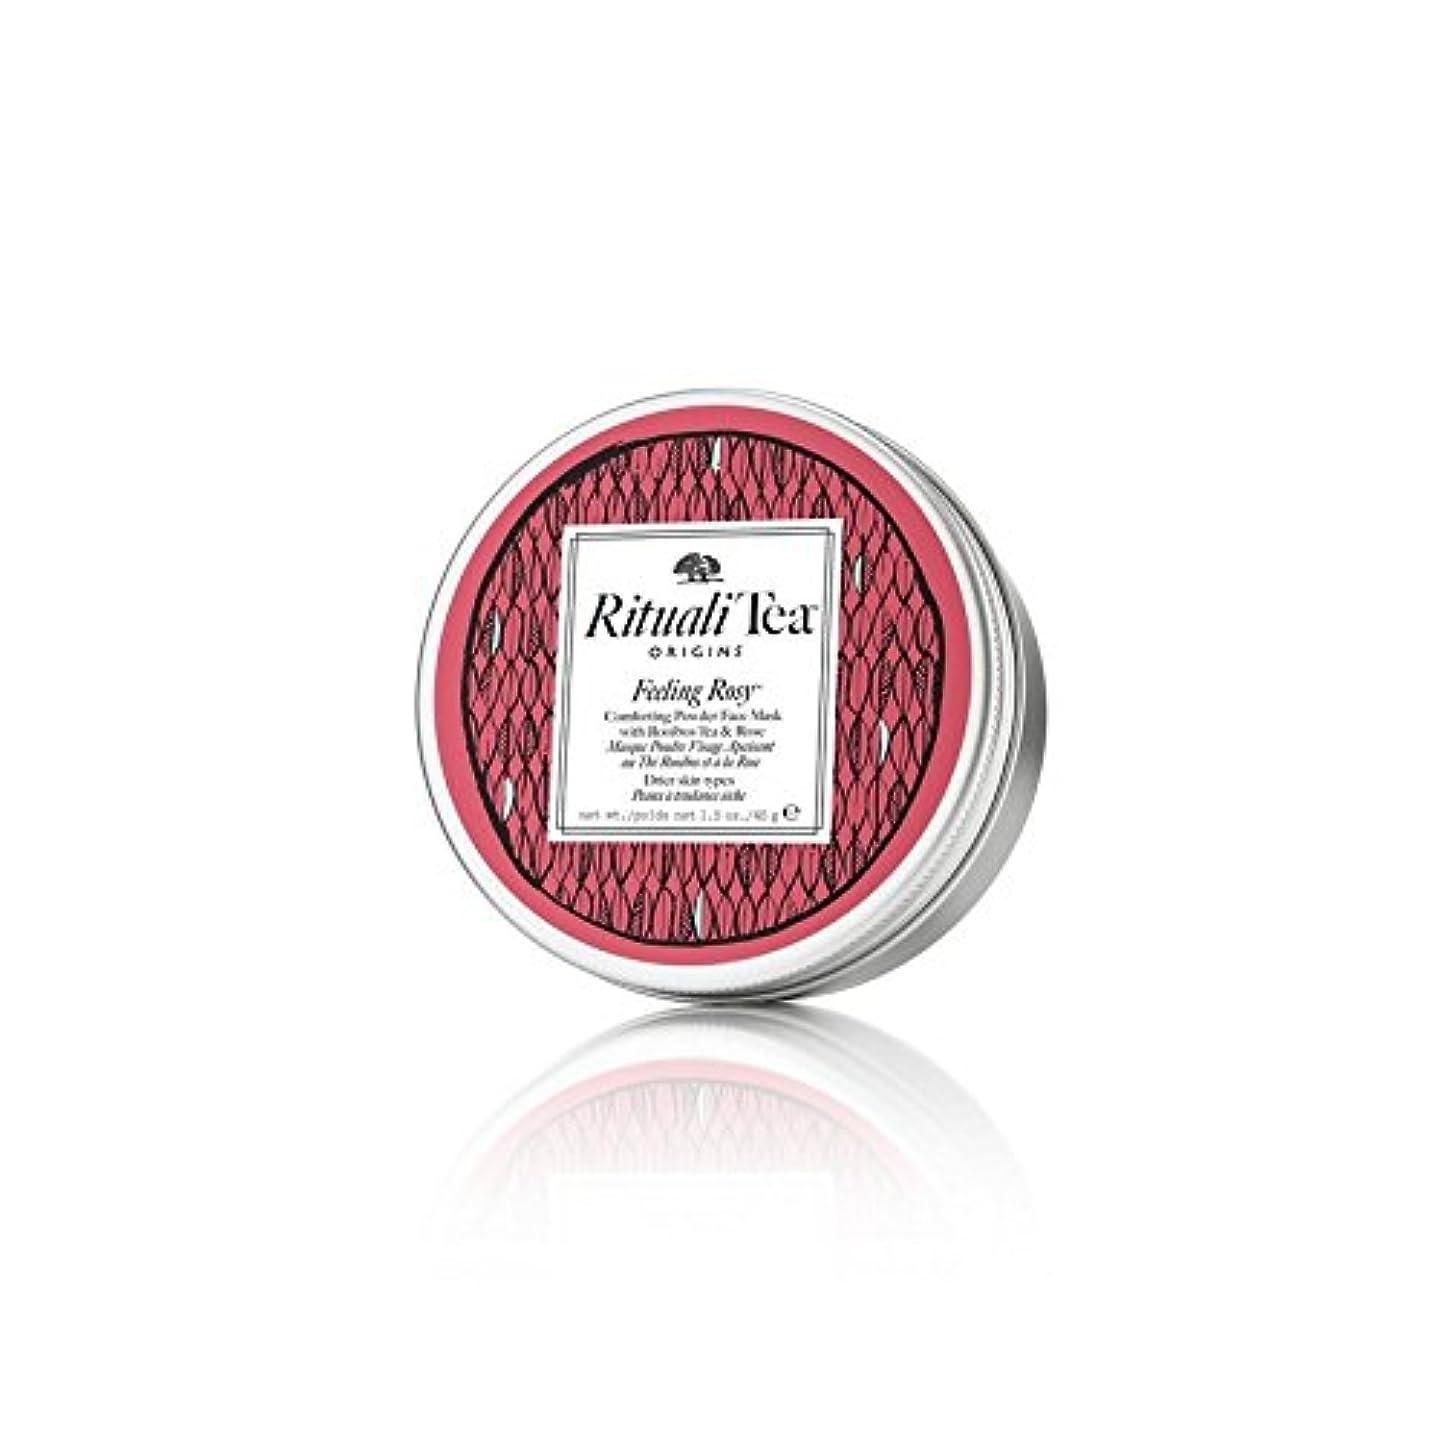 輸血コーヒー圧縮するOrigins Powdered Tea Face Mask Feeling Rosy 45g (Pack of 6) - バラ色の45グラムを感じ起源抹茶のフェイスマスク x6 [並行輸入品]